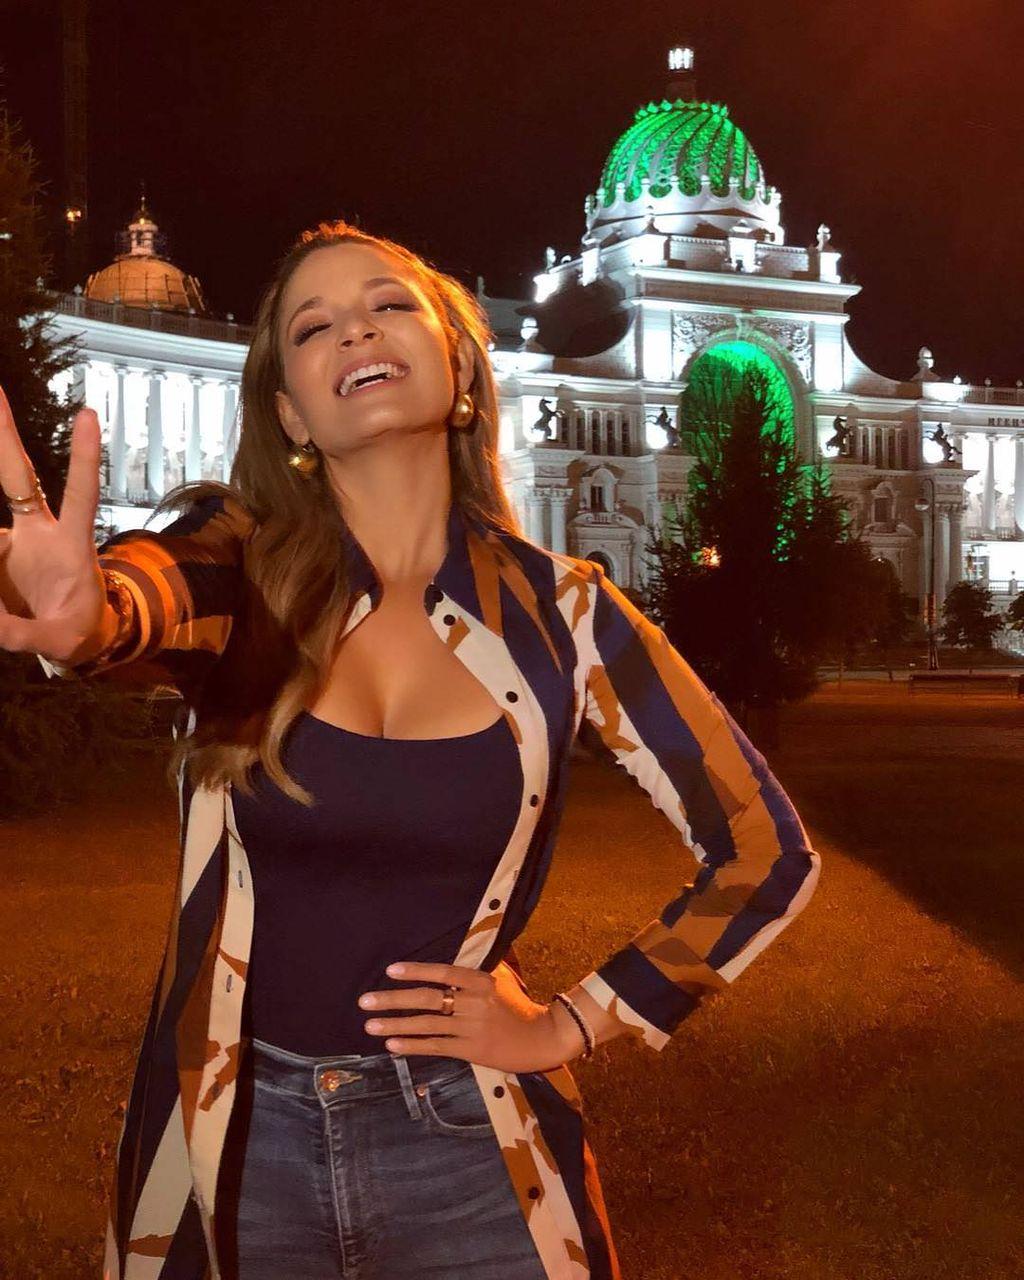 【悲報】コロンビアの美人アナウンサー、予選敗退のピンチなのにインスタでセクシーな姿を晒してしまう